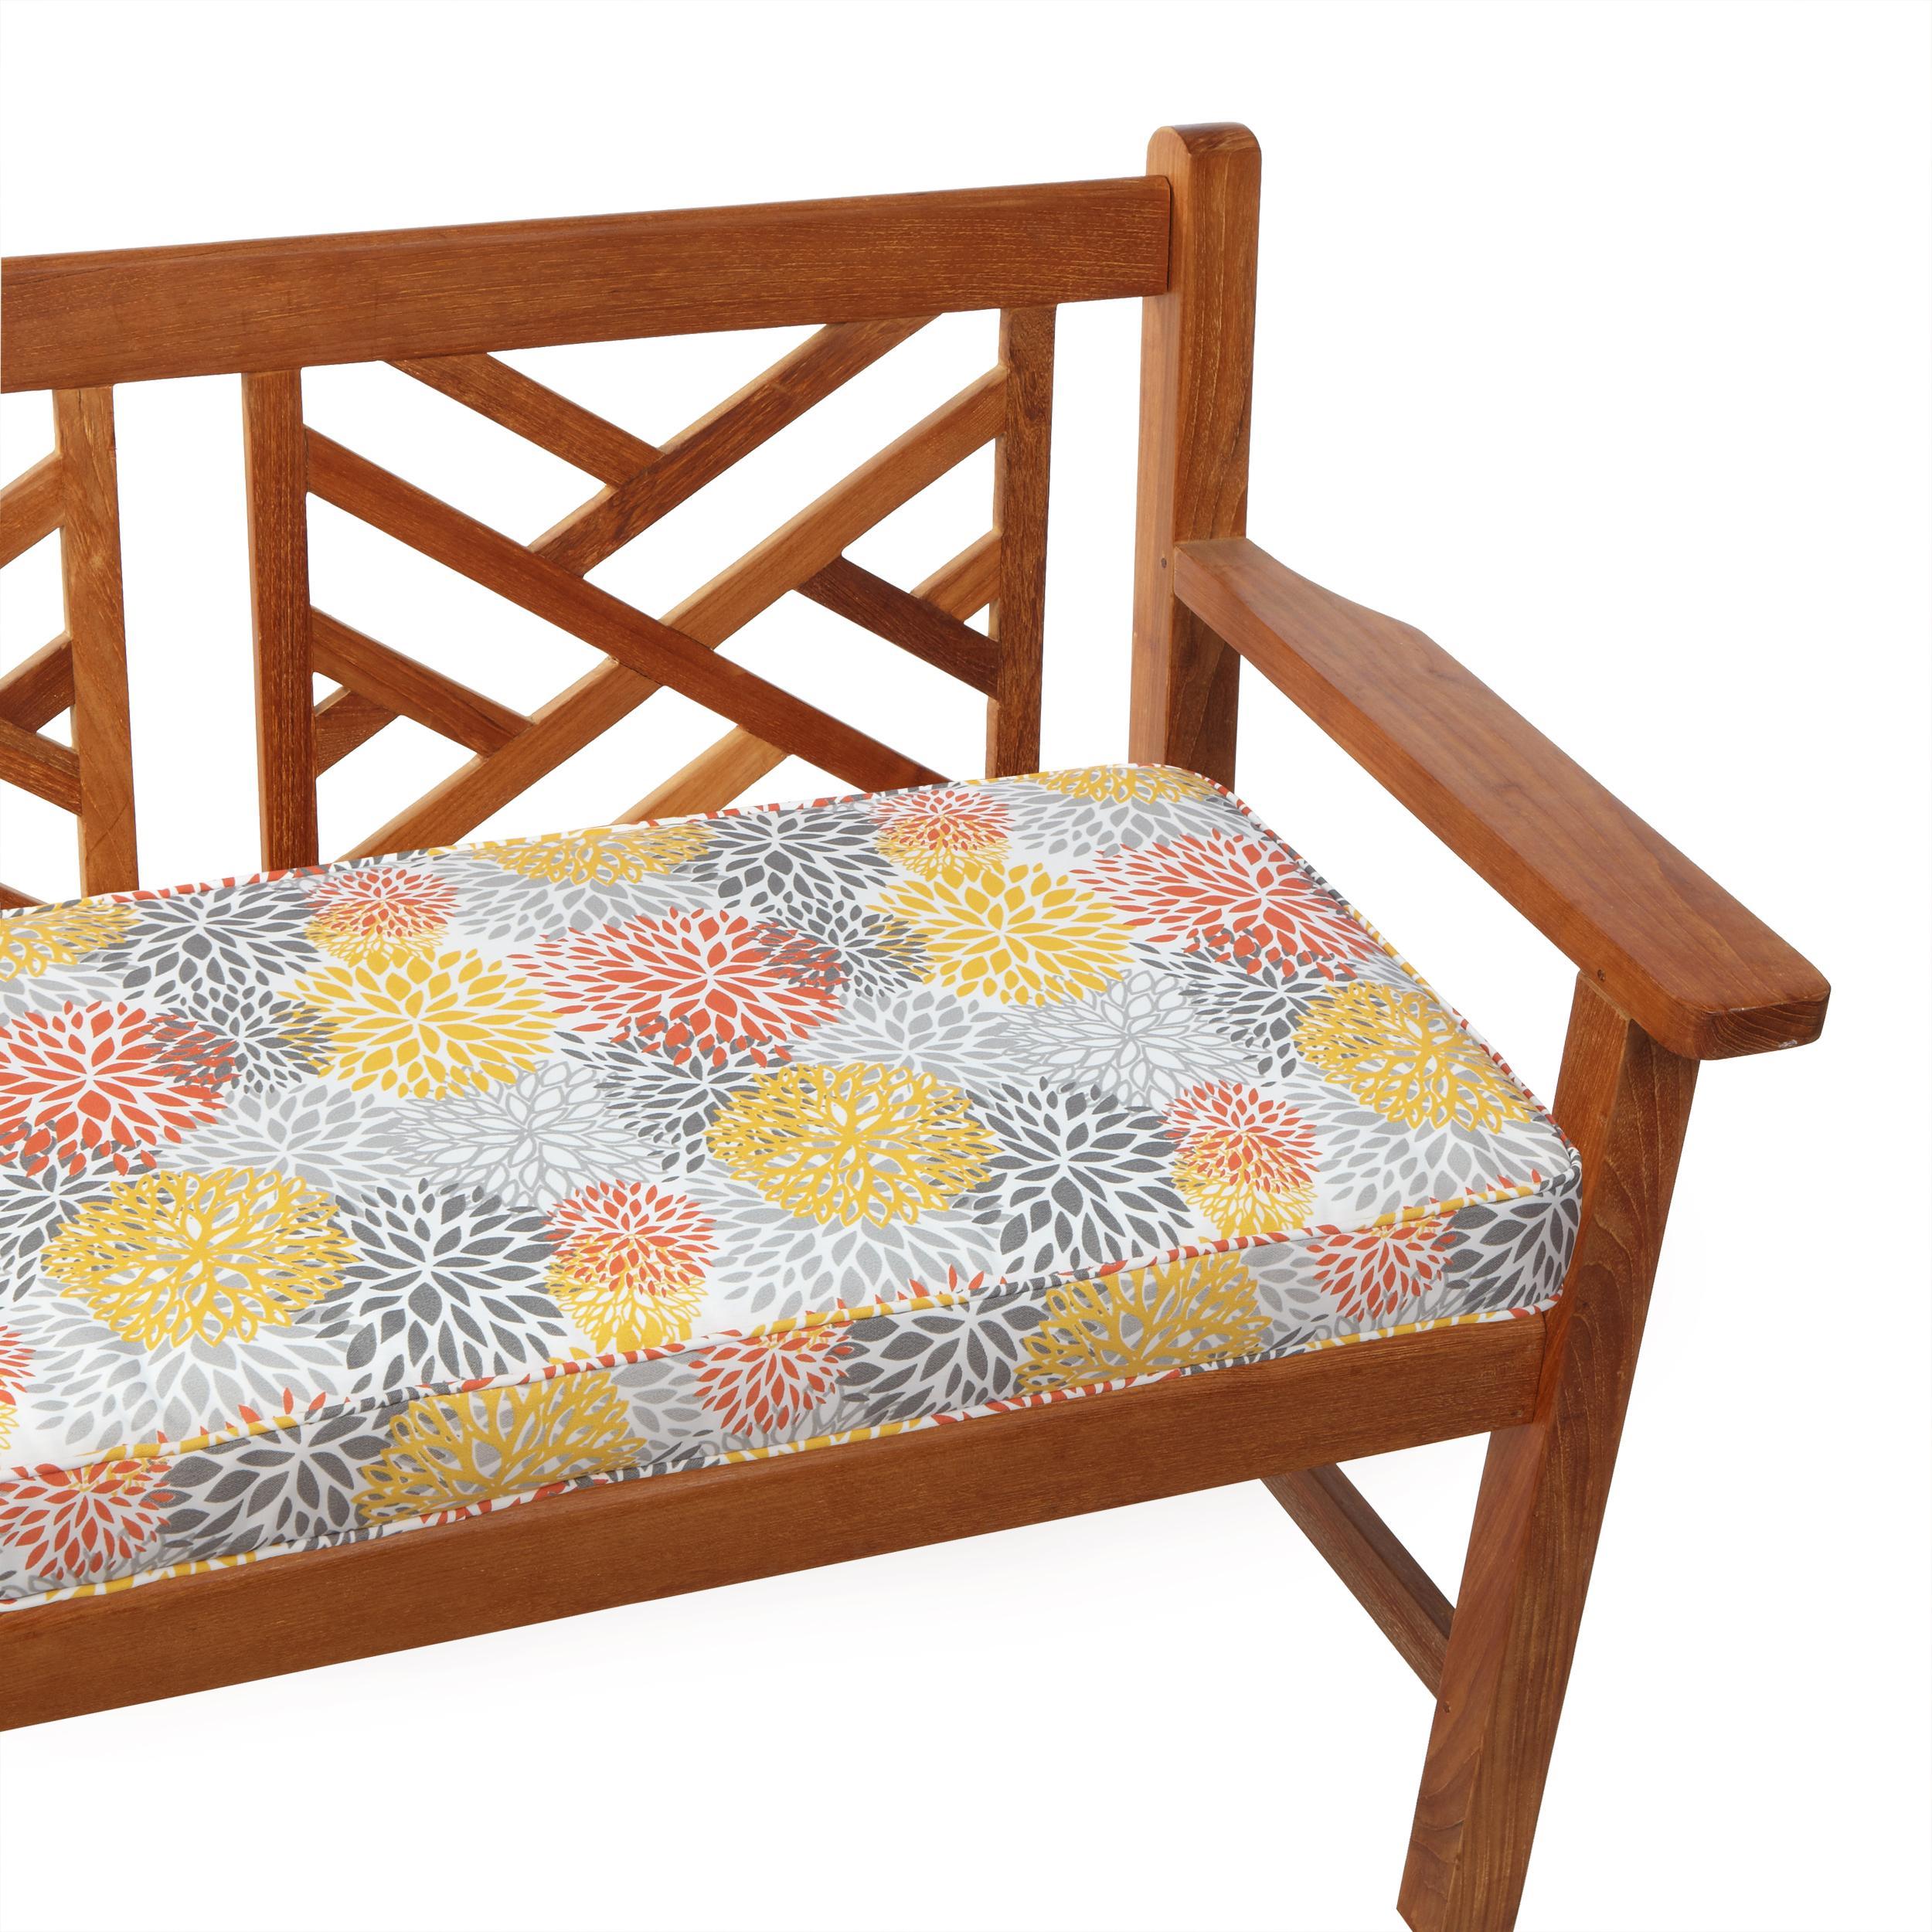 Amazon.com : Mozaic Sabrina Indoor/Outdoor Bench Cushion ...